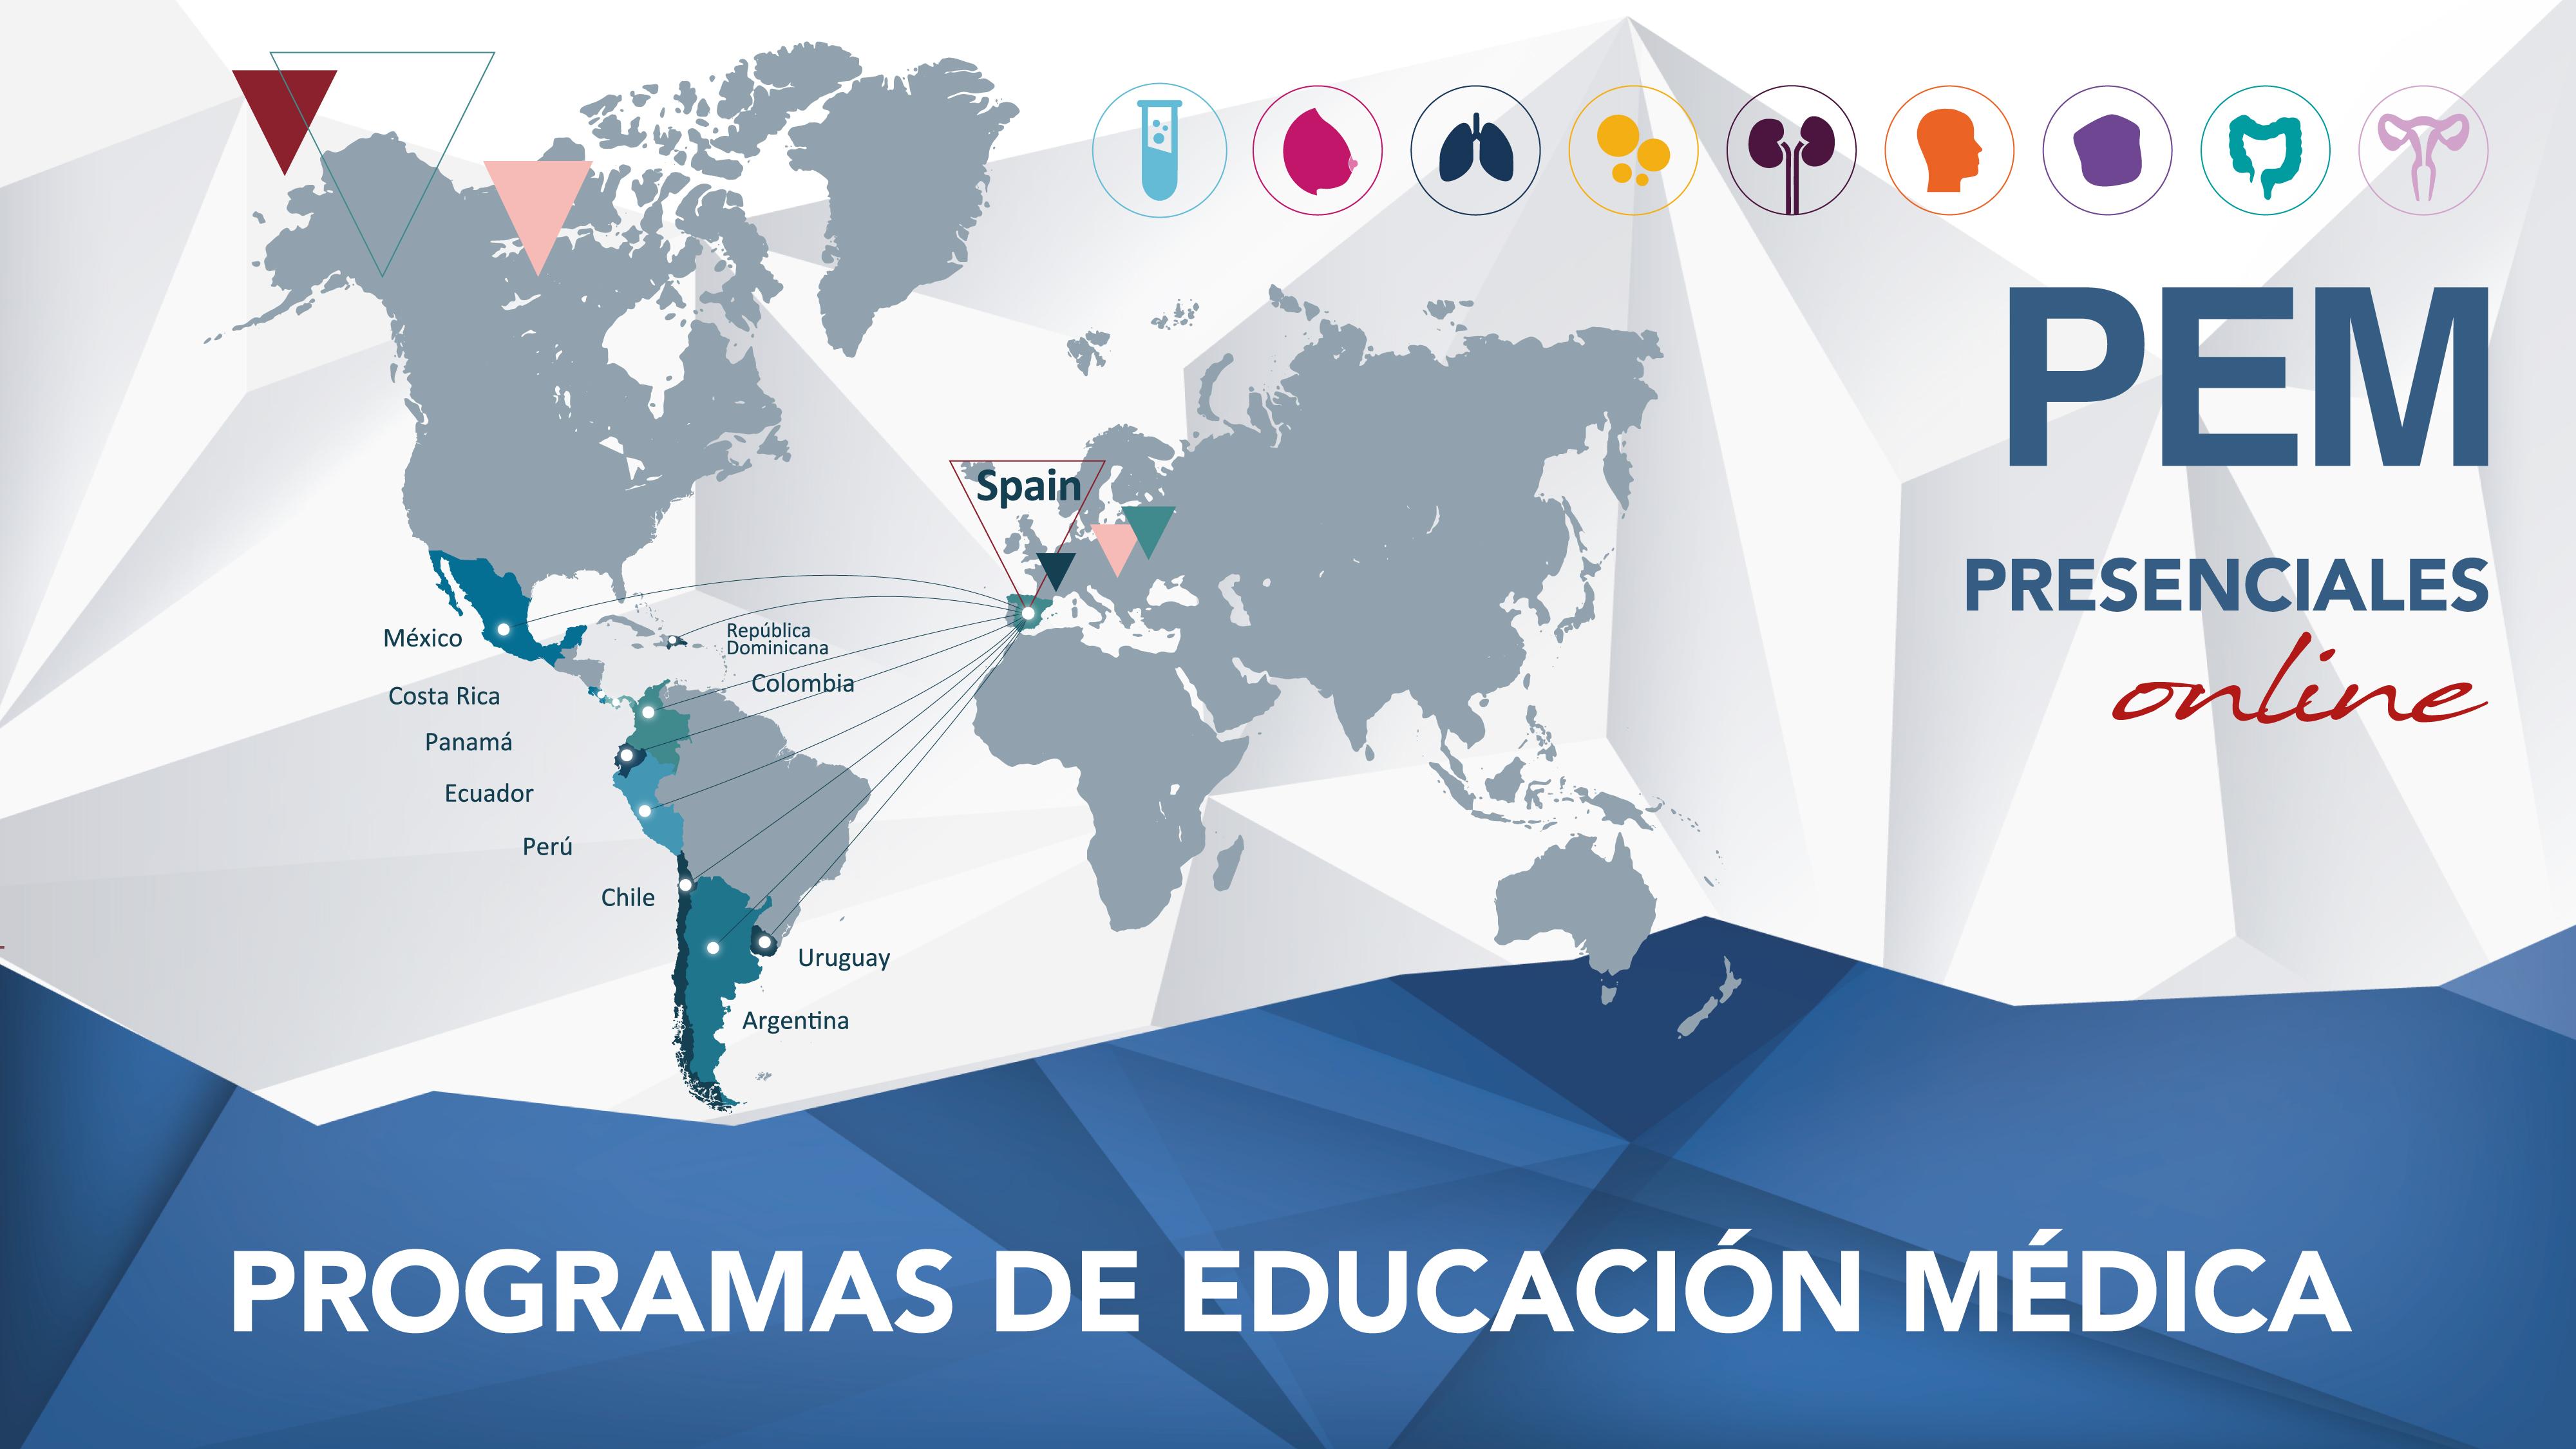 Programas de Excelencia en Educación Médica en España